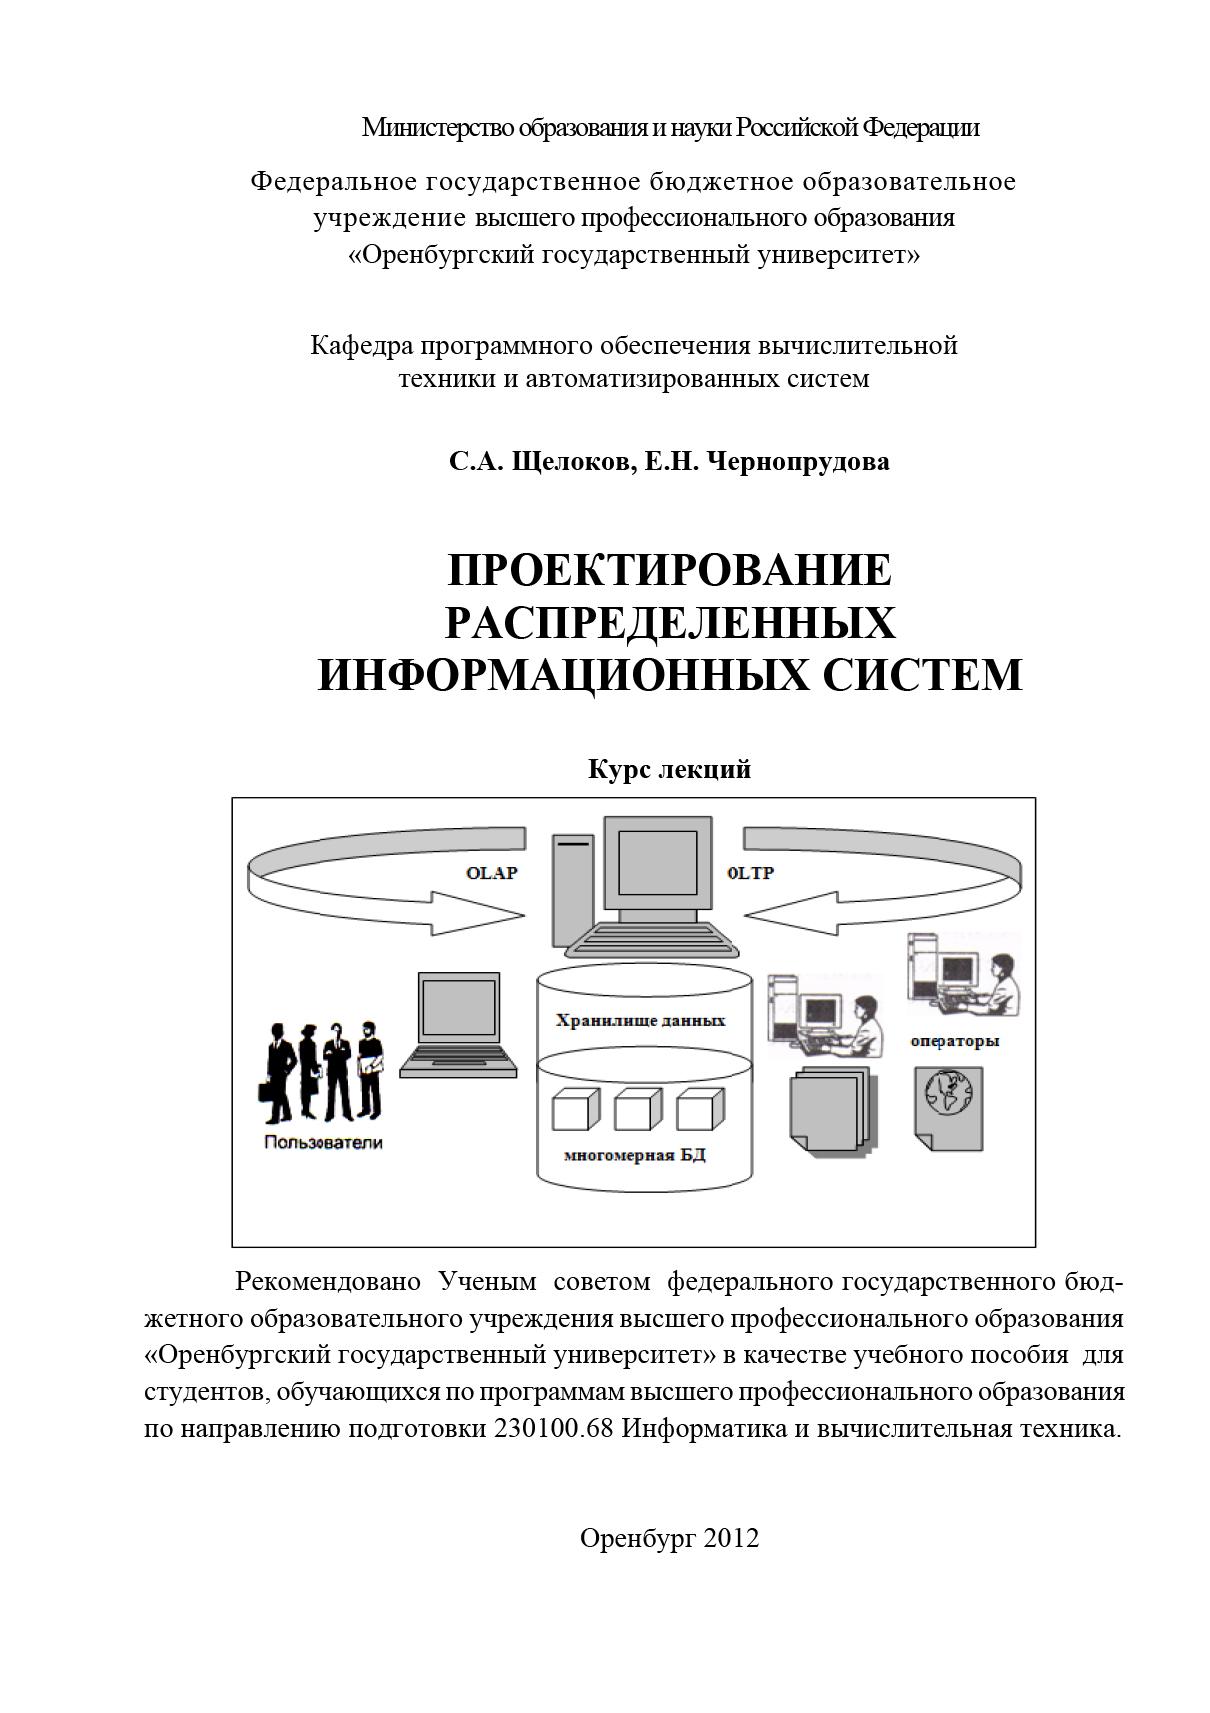 Е. Н. Чернопрудова Проектирование распределенных информационных систем baseus simple tpu case for iphone 7 plus transparent rose gold